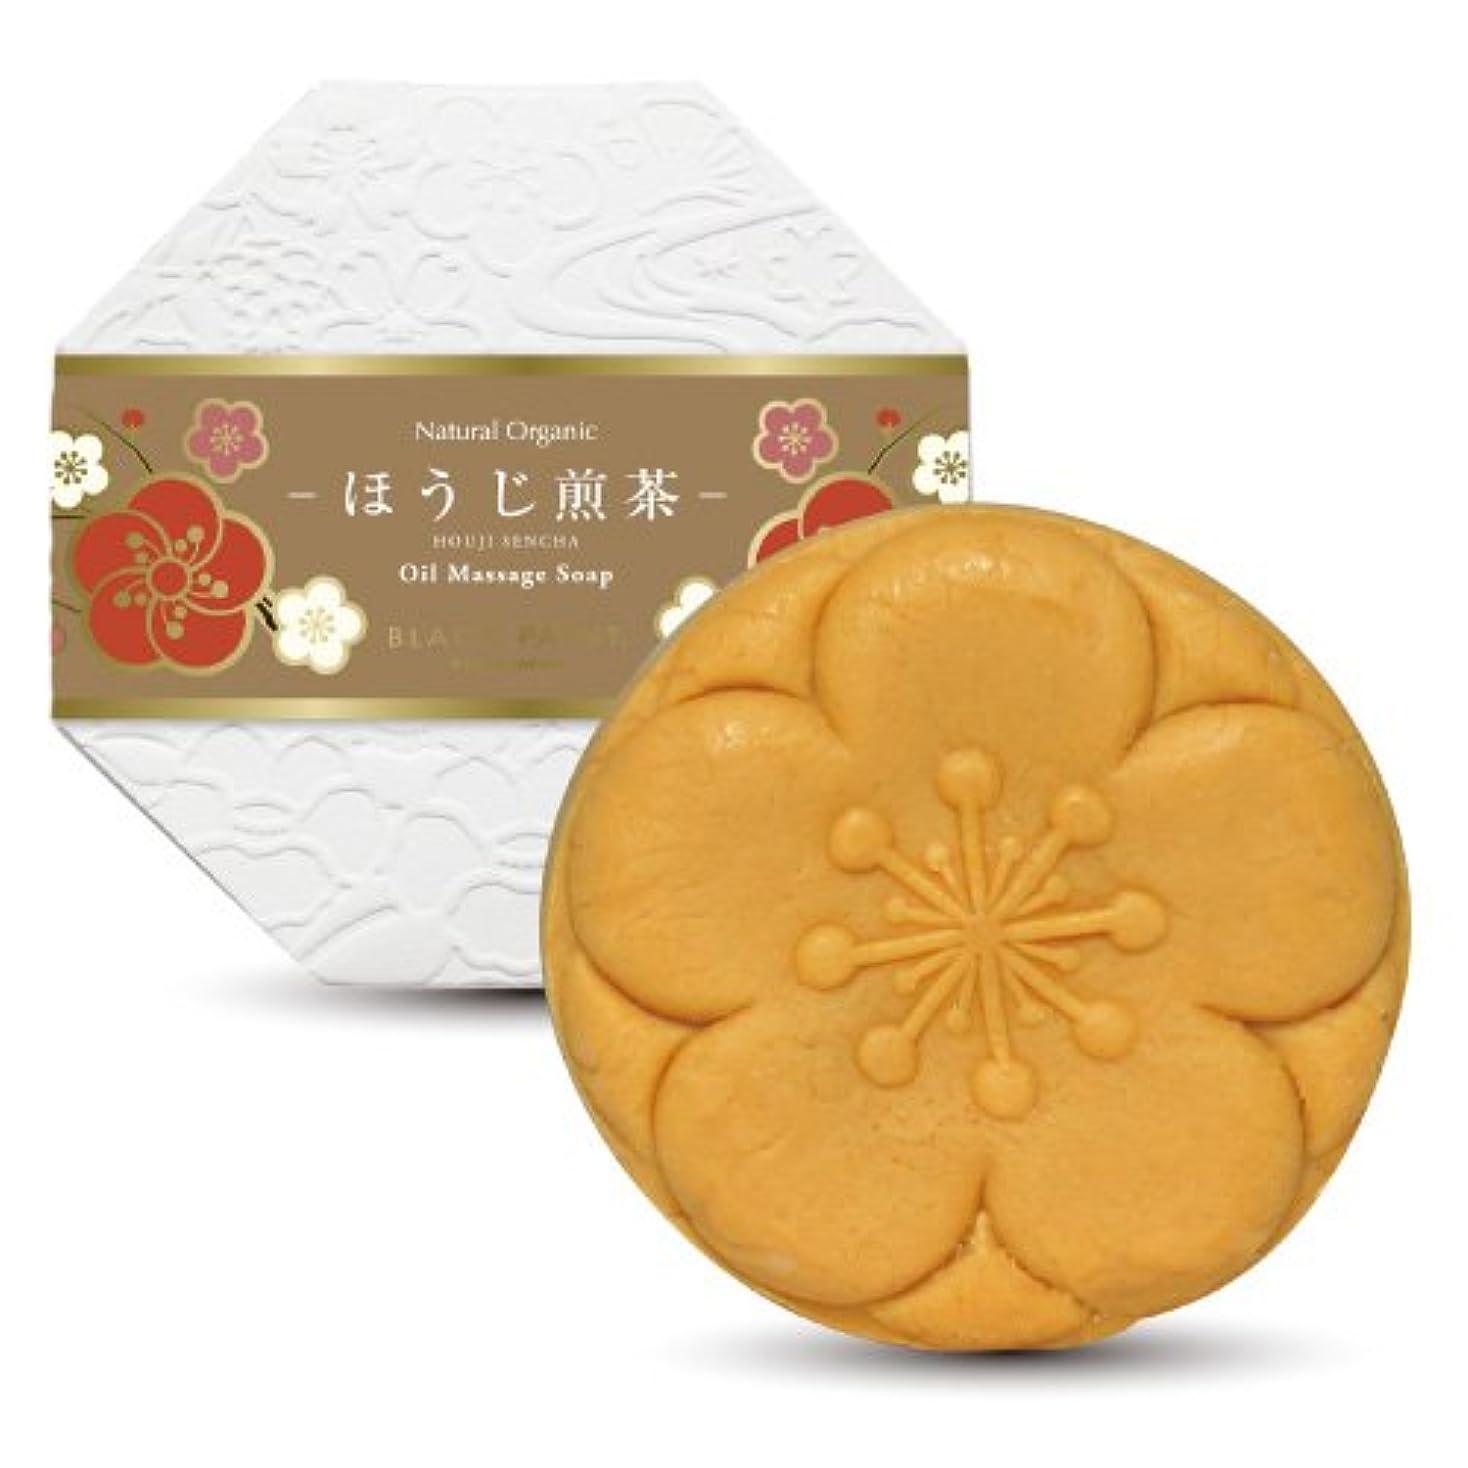 先例幸運なことに急ぐ京のお茶石鹸 ほうじ煎茶 120g 塗る石鹸